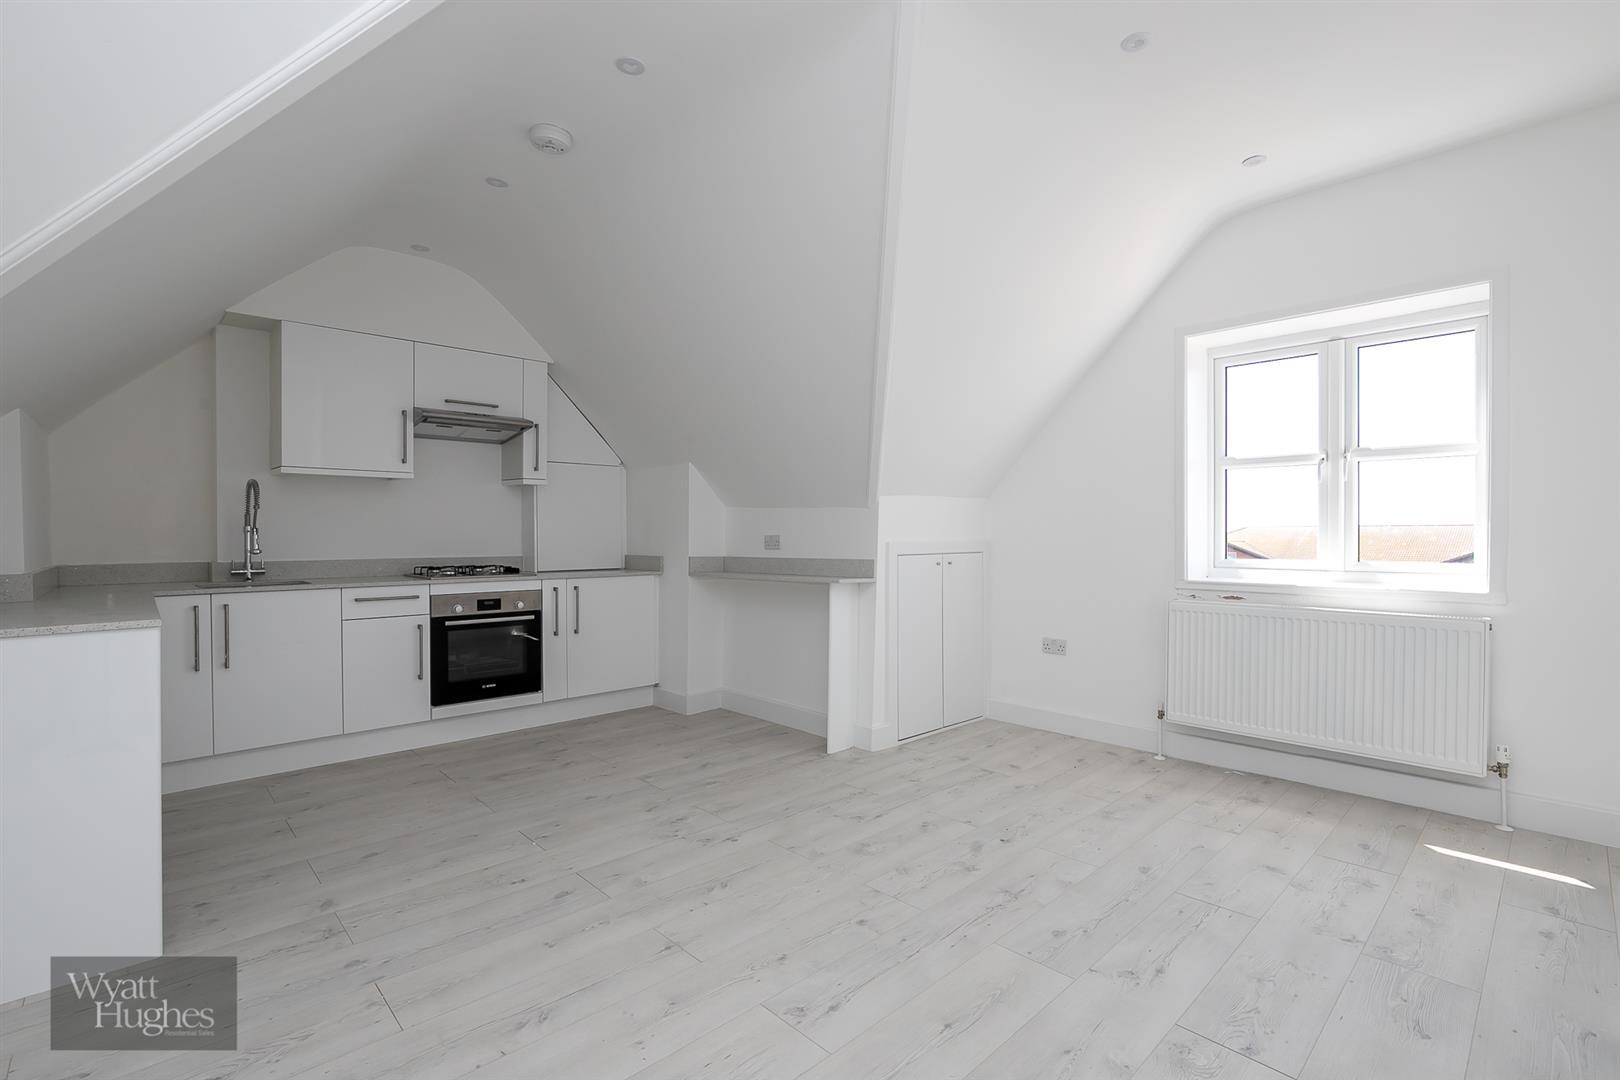 2 bed flat for sale in Boscobel Road, St. Leonards-On-Sea, TN38